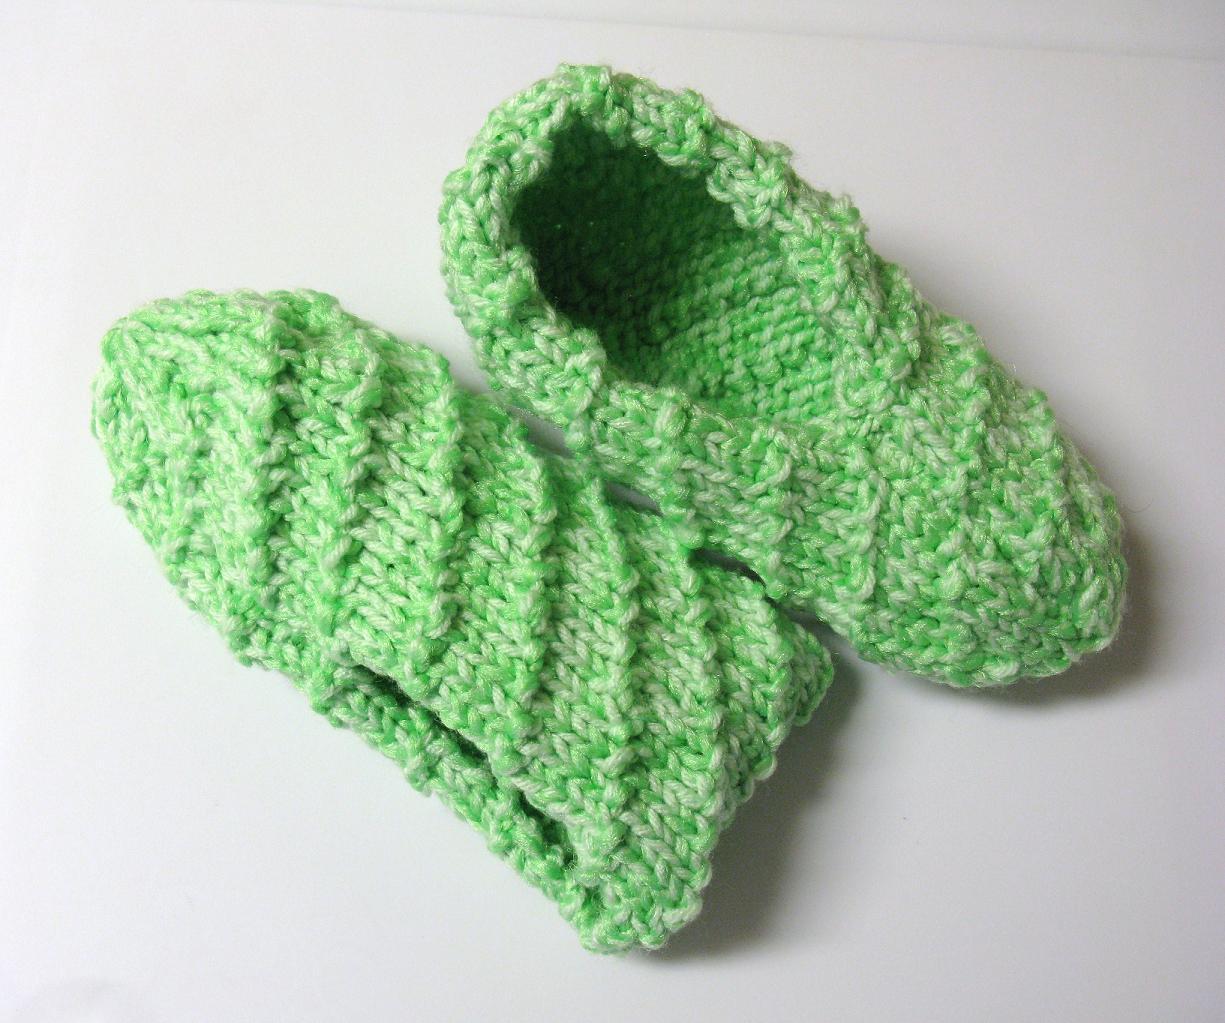 Pantoufles au tricot 3 petites mailles - Point de cote tricot ...